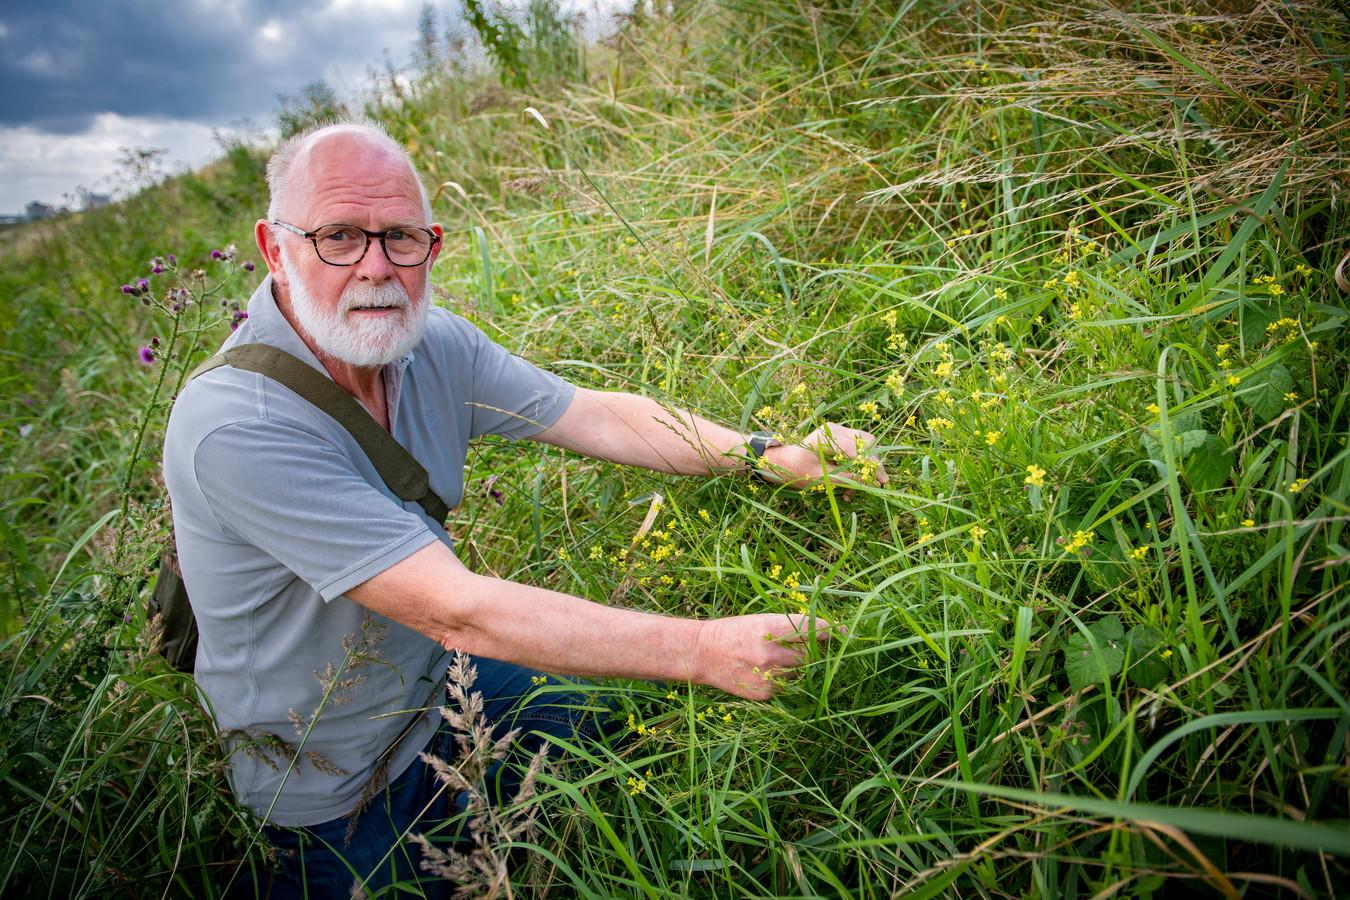 Wiebe de Haan (69) bij de zeldzame plantensoort de 'Russische Raket', die hij twee weken geleden vond op een dijk in Zutphen.